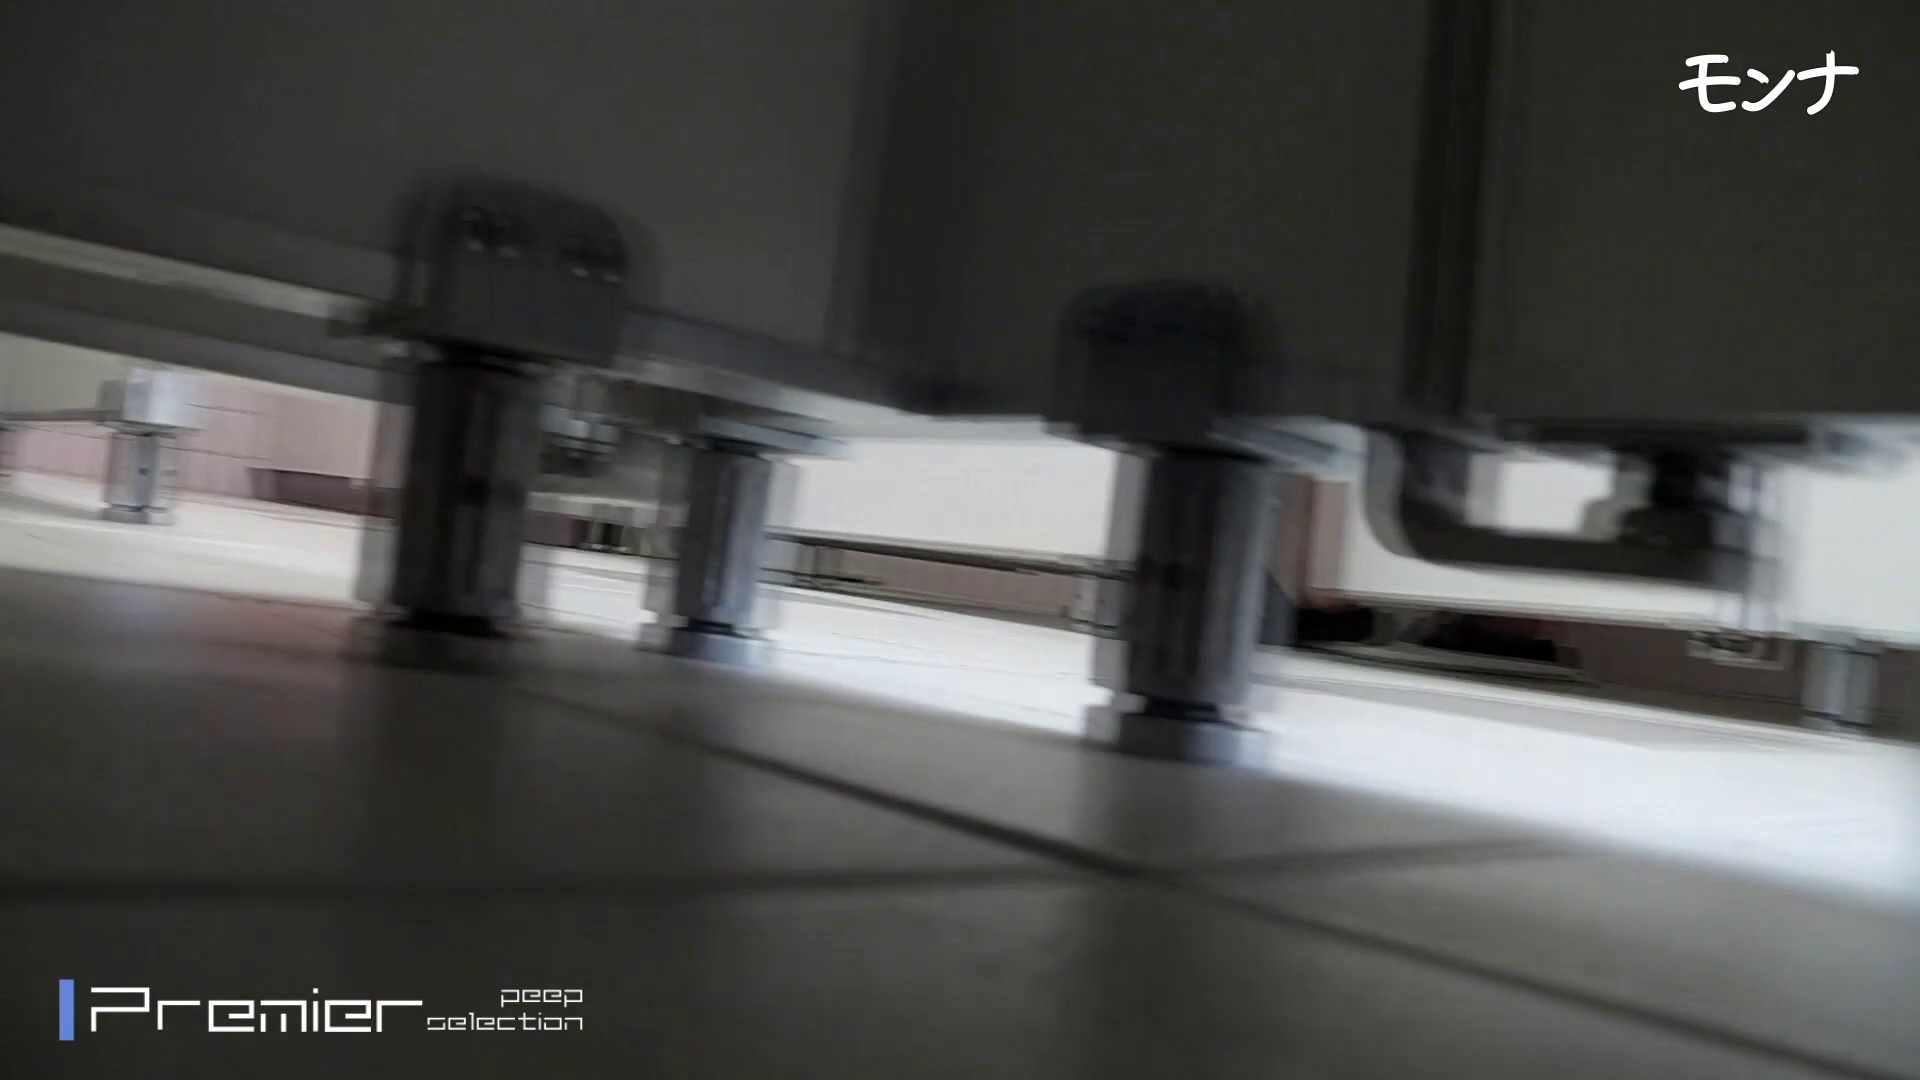 美しい日本の未来 No.84この美脚と距離感 盗撮エロすぎ | 覗き  86連発 31